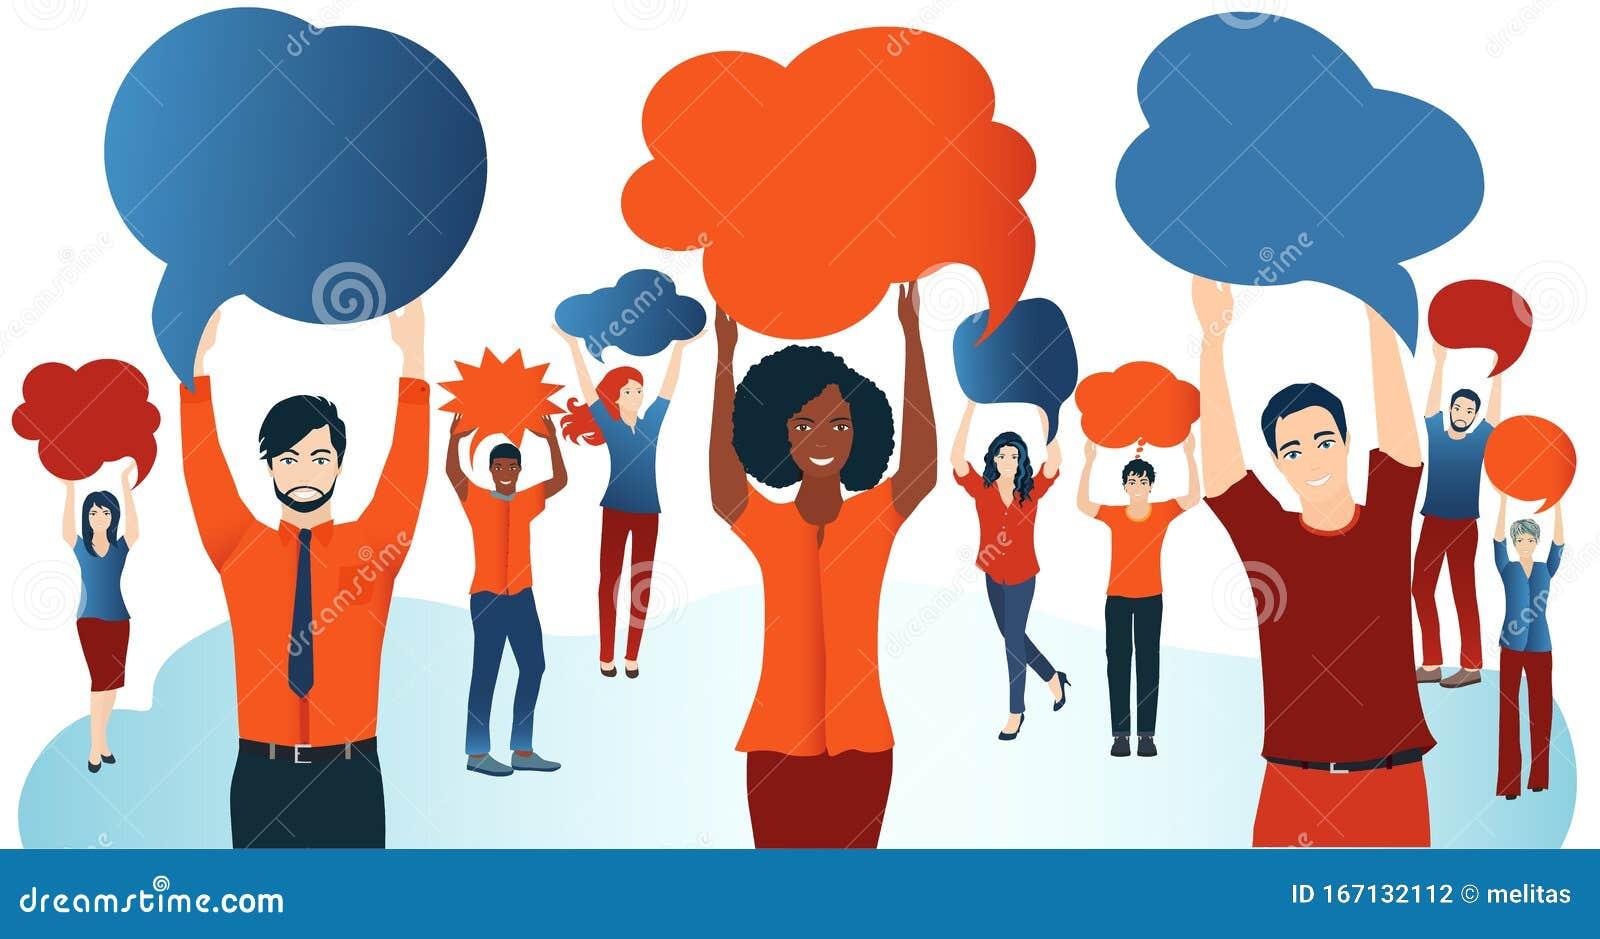 Conversaciones De La Multitud Grupo De Personas Diversas Con Burbujas De Habla Comunicación E Intercambio Red Social Compartir Id Foto De Archivo Imagen De Comunidad Cotilleo 167132112